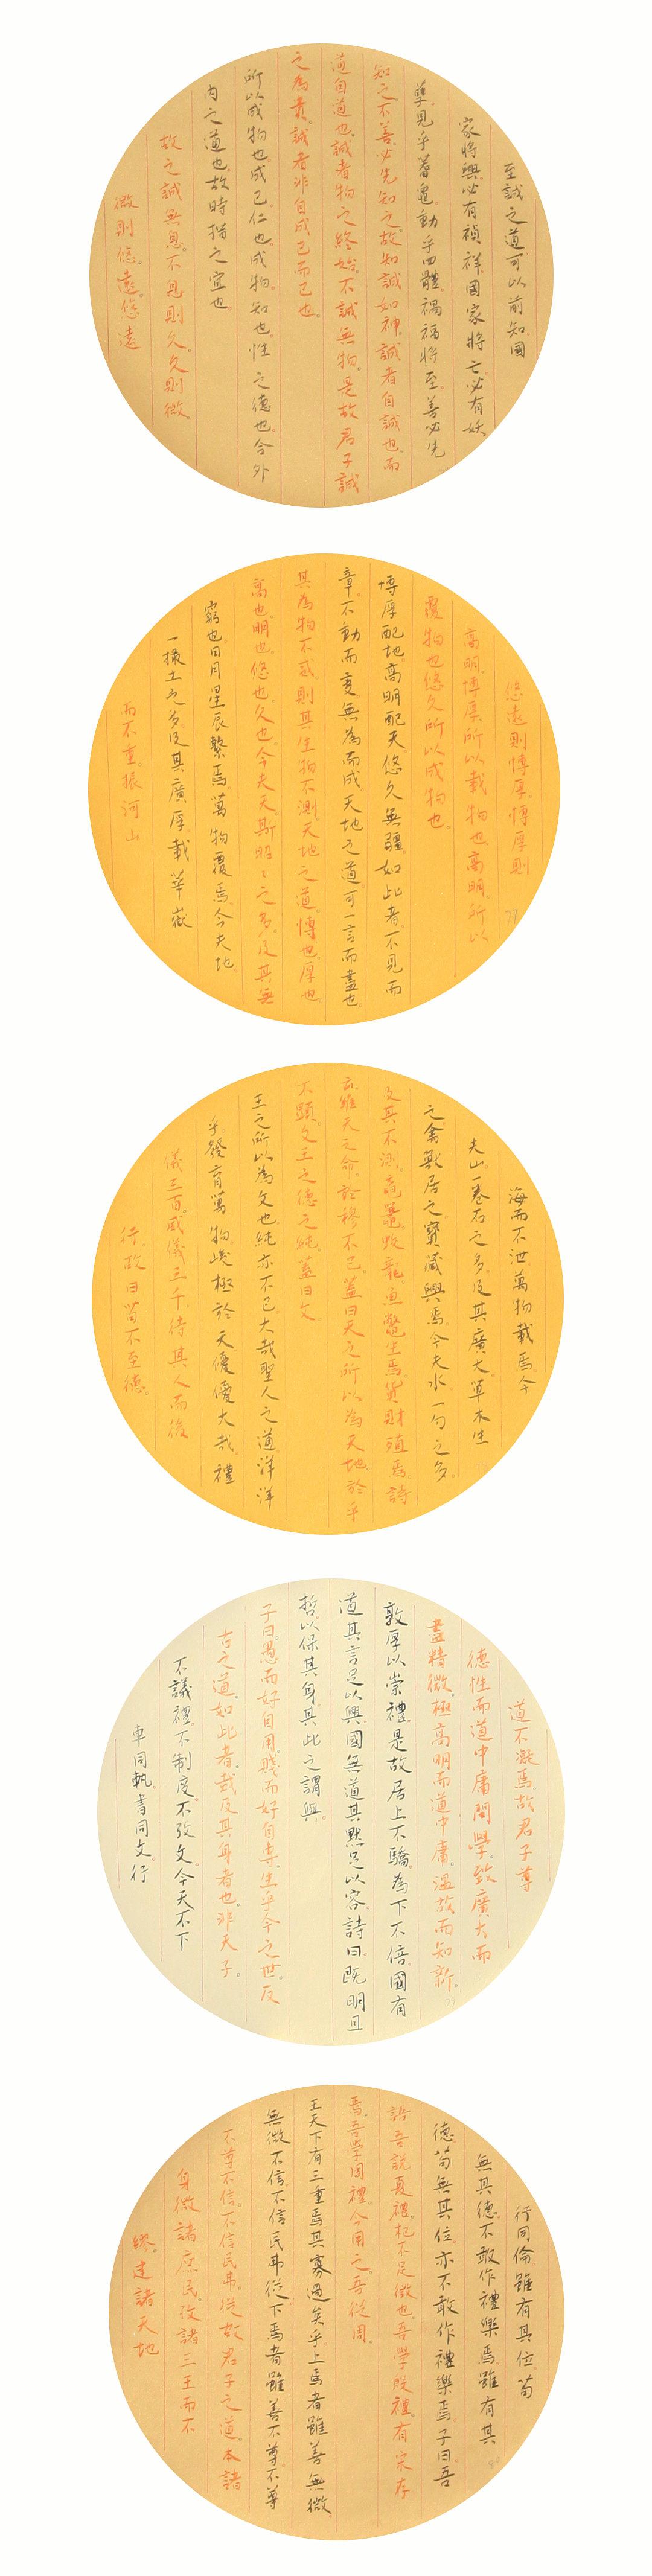 《国学经典抄·中庸 04》纸本墨笔 小楷 竖幅 2017年